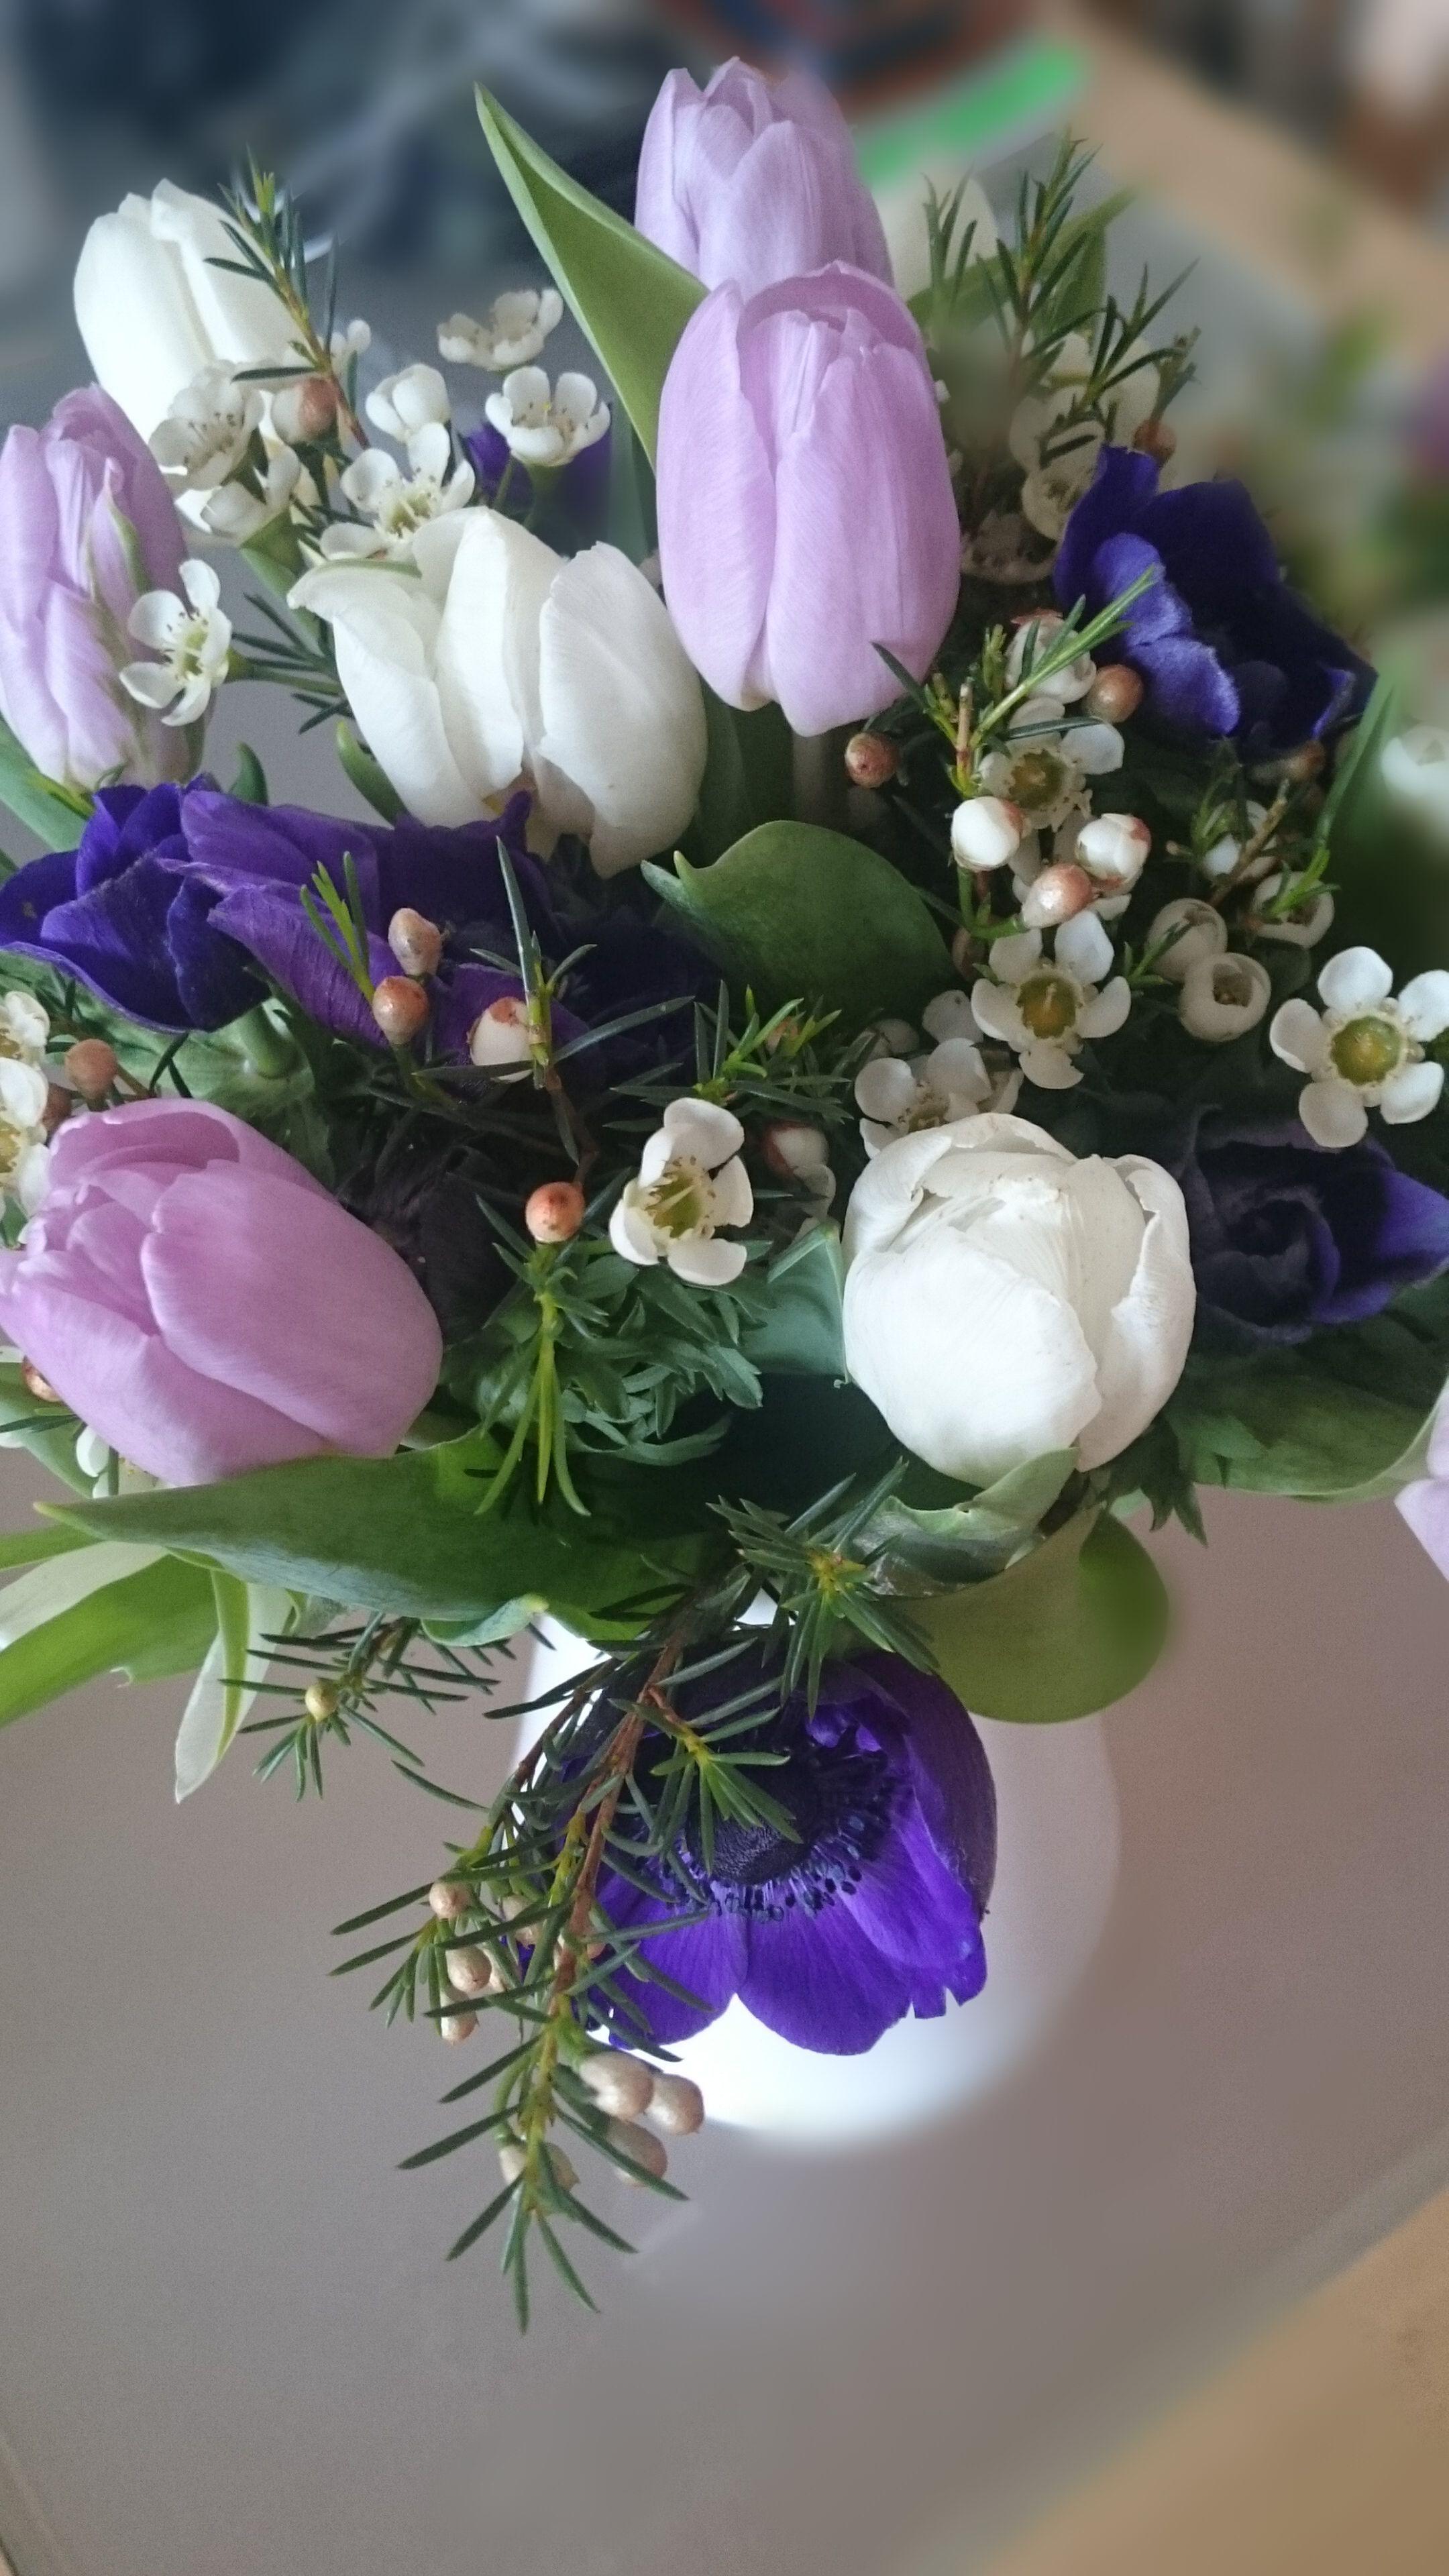 Frühllings-Strauss - weiße und hell-lila Tulpen und Wachsblumen, lila Annemonen